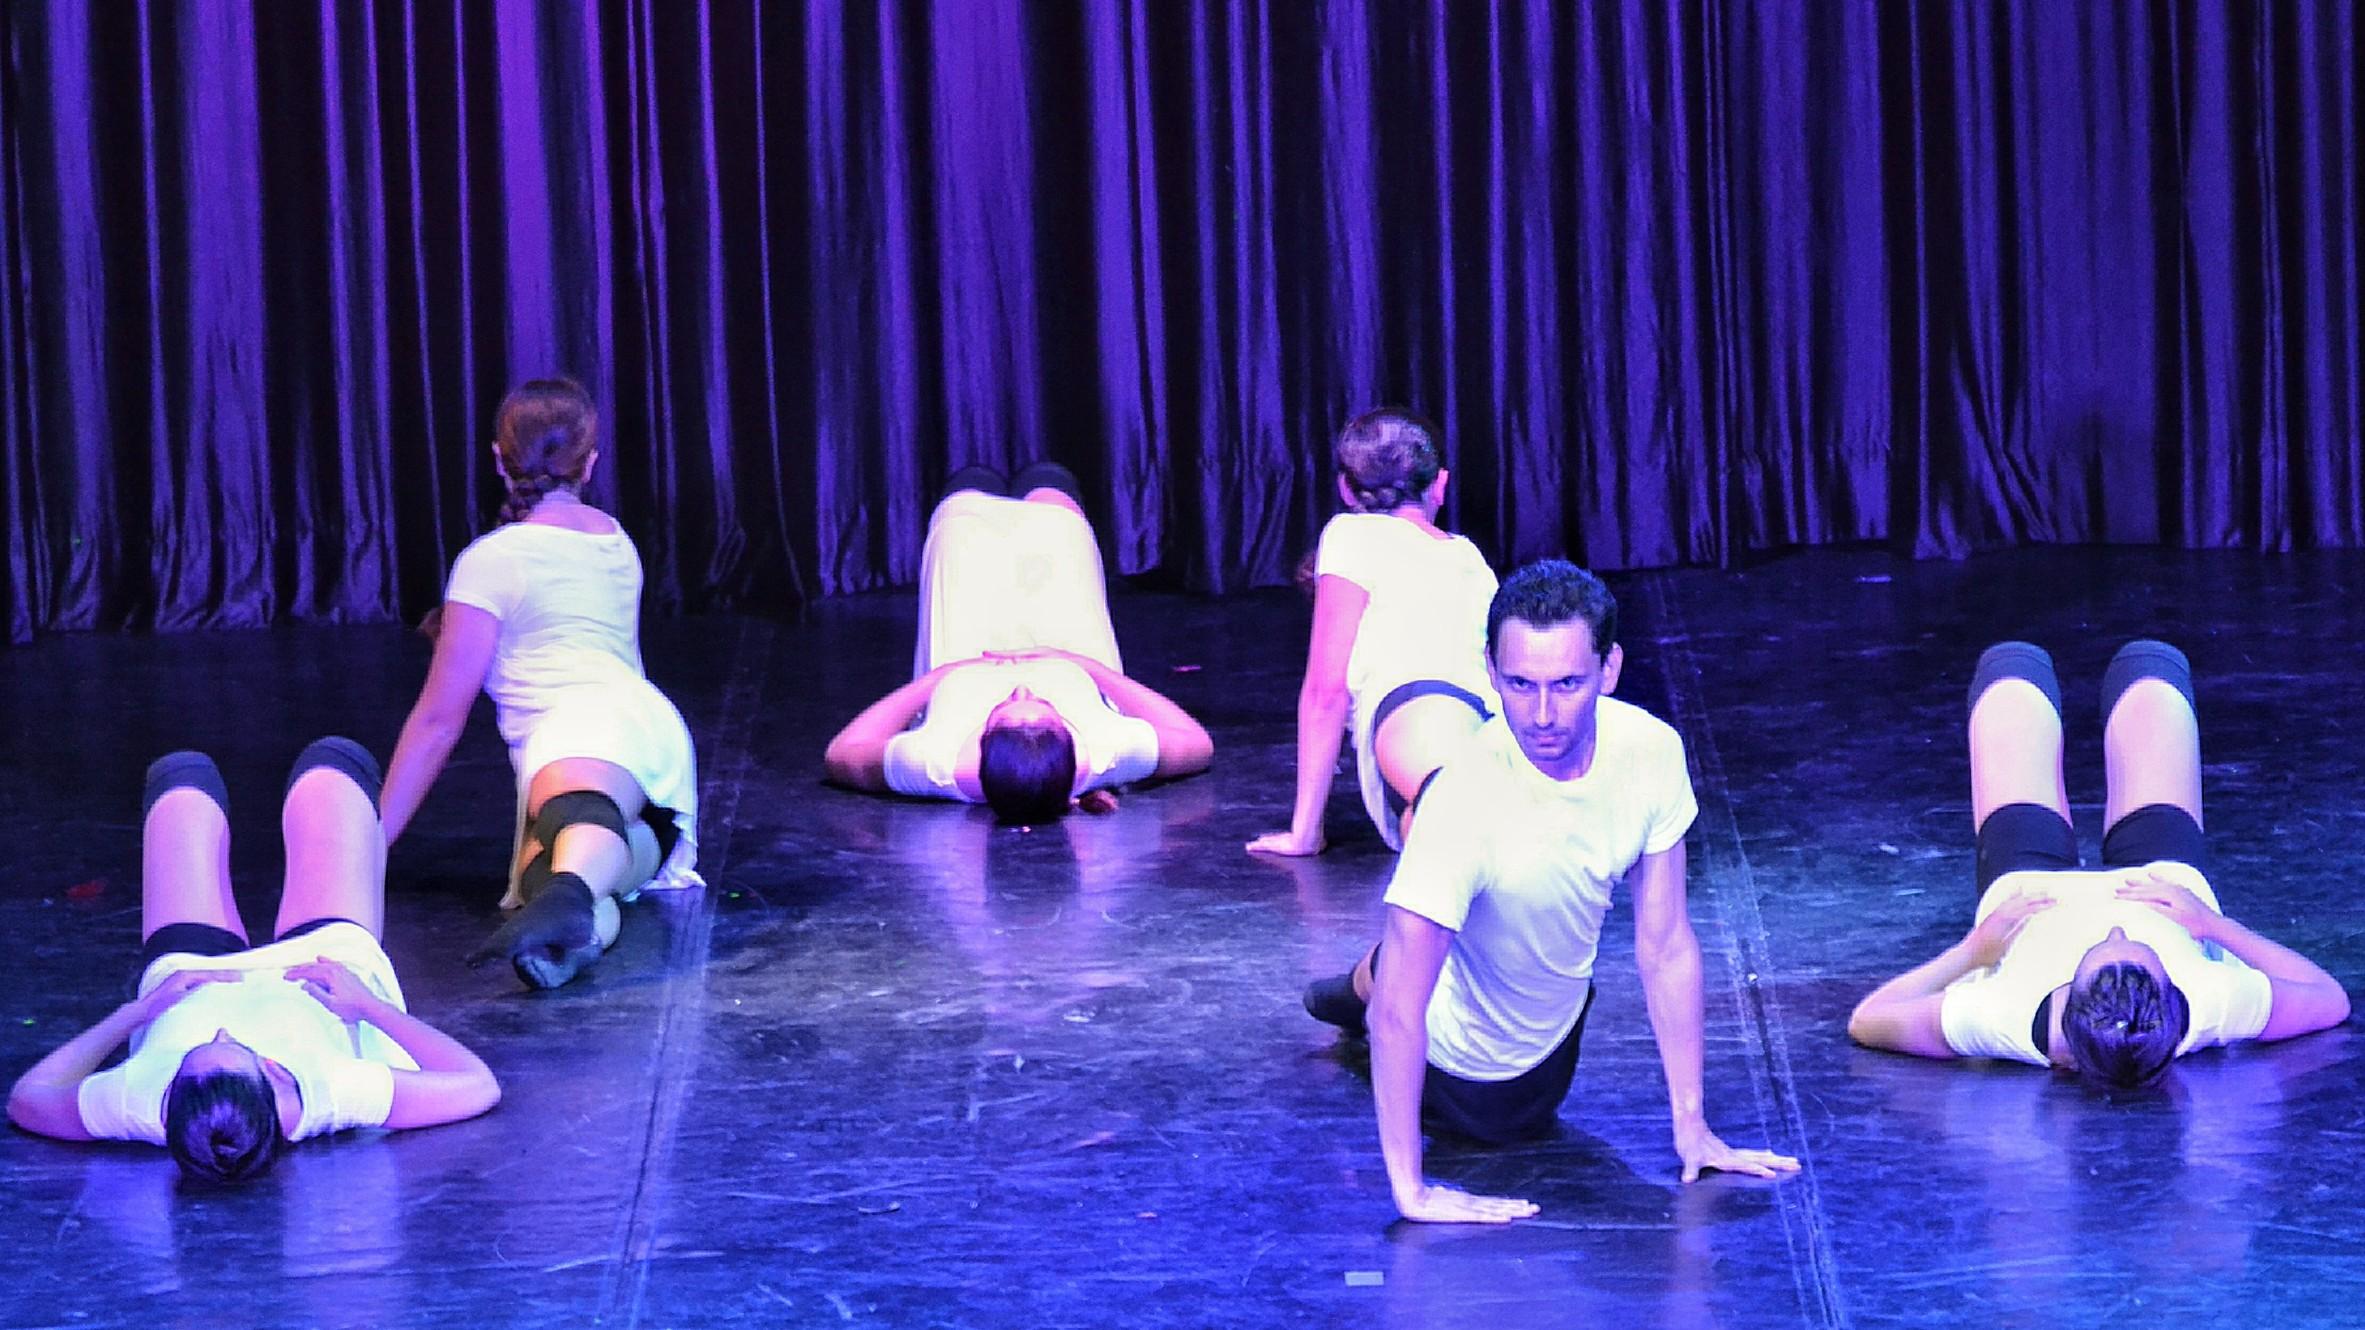 Linea-de-Baile-festival-verano-2015-clases-de-baile-valencia-89